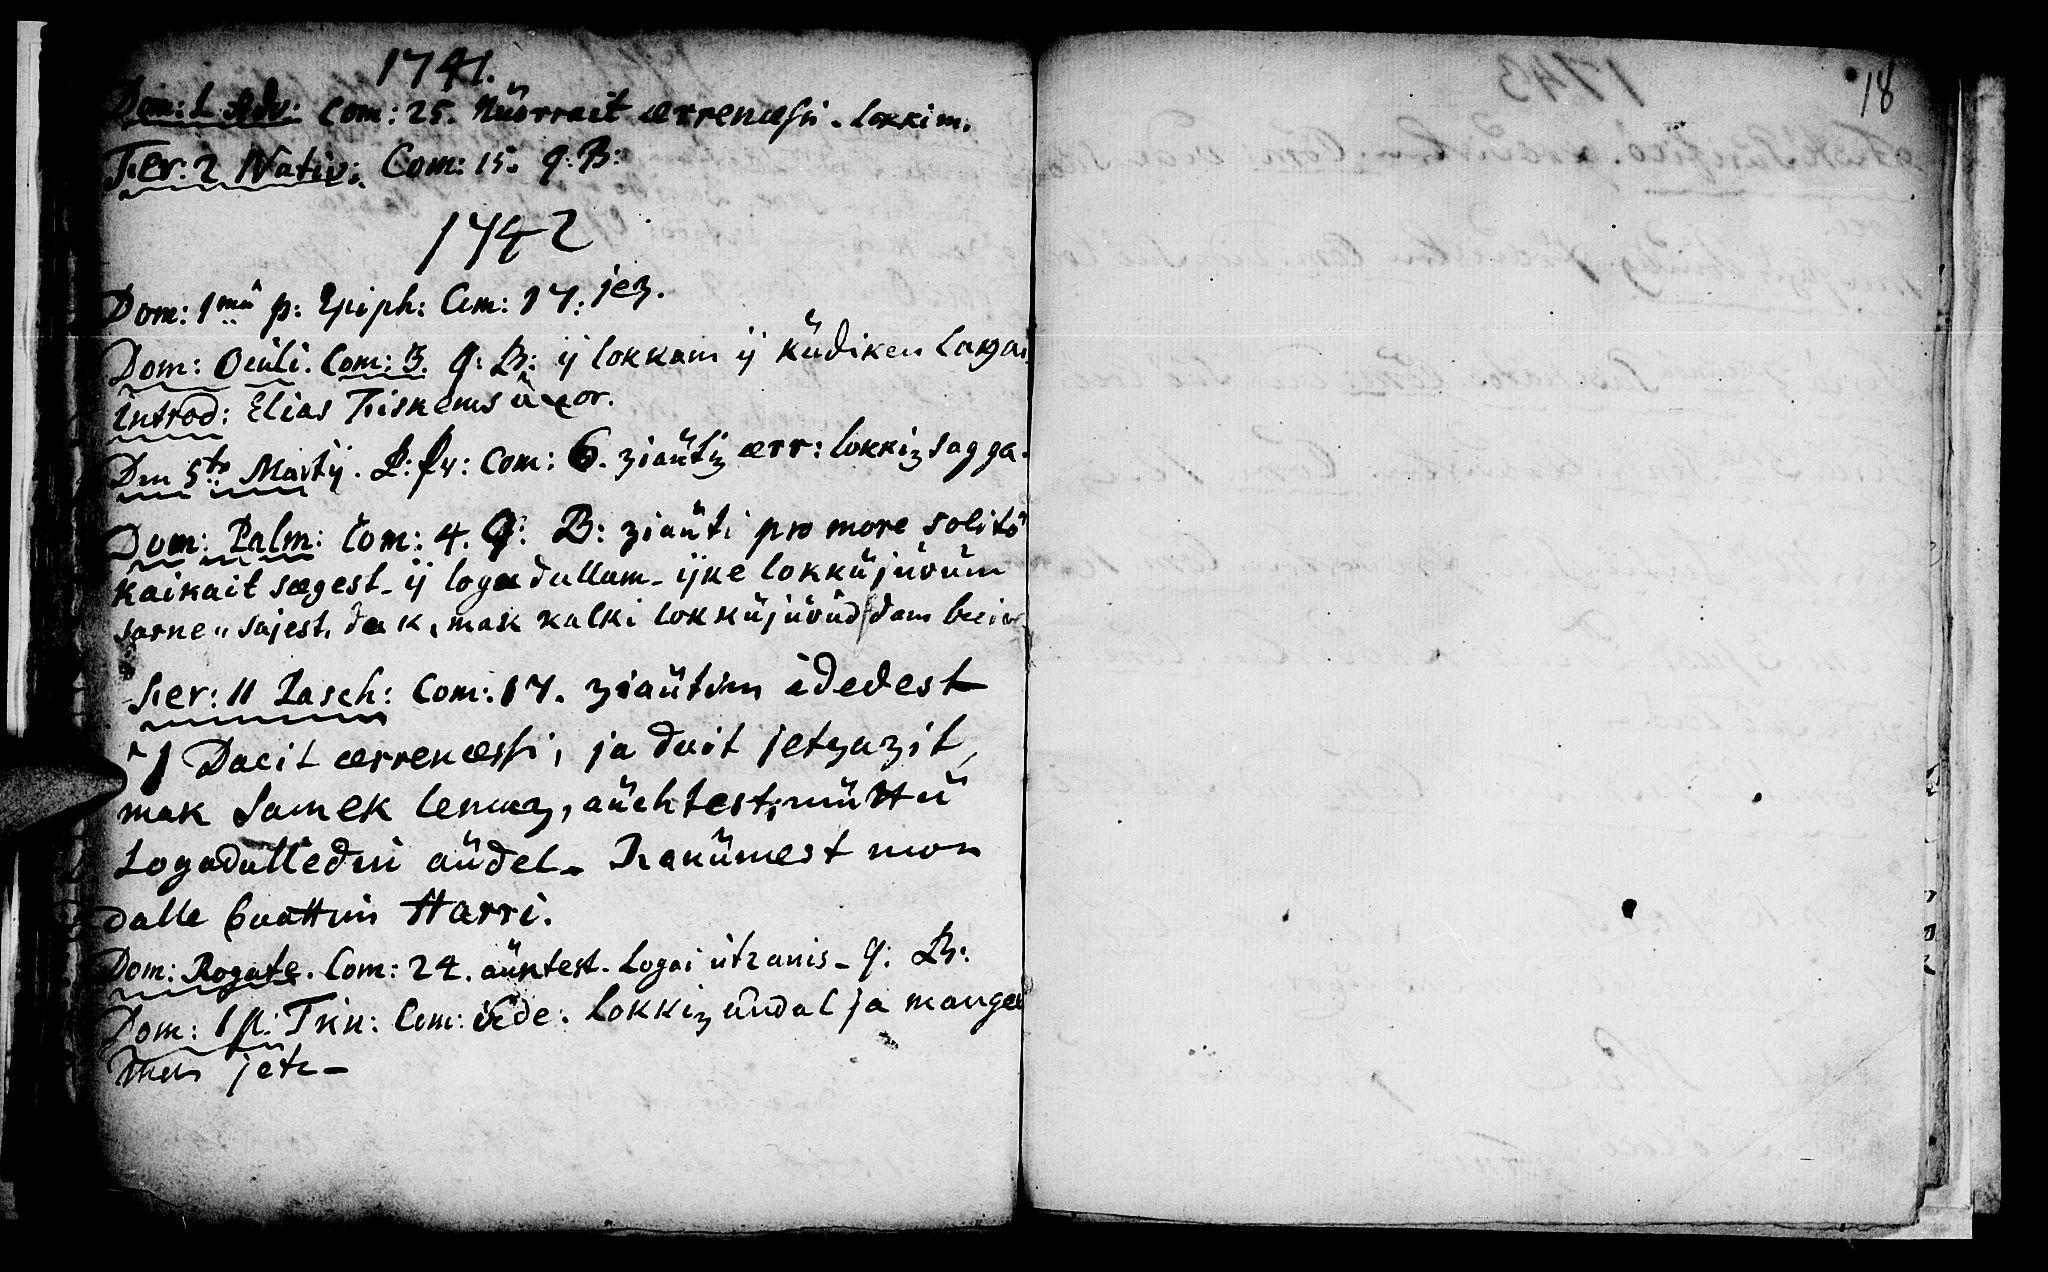 SAT, Ministerialprotokoller, klokkerbøker og fødselsregistre - Nord-Trøndelag, 759/L0525: Ministerialbok nr. 759A01, 1706-1748, s. 18